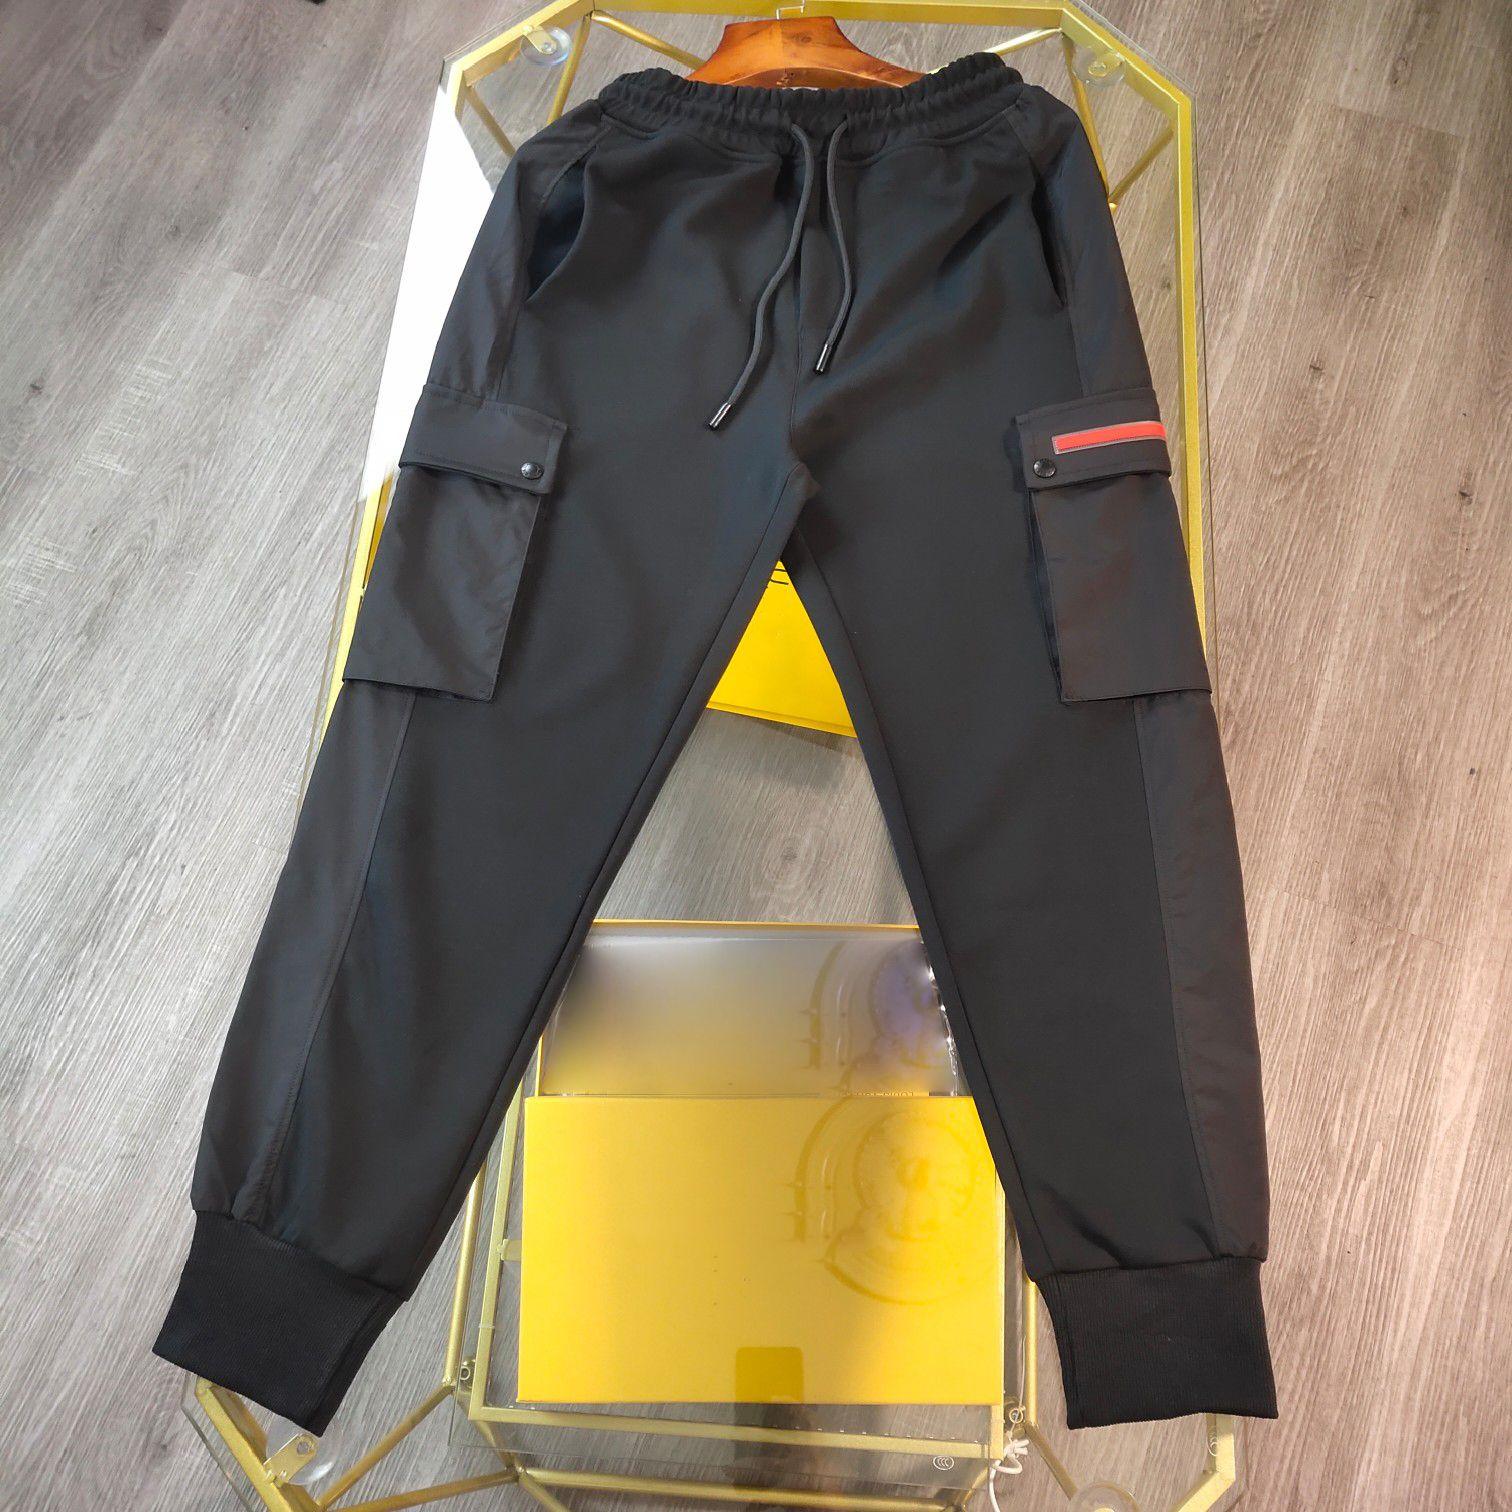 Pantaloni da uomo Designer Autunno Inverno Peluche Triangolo Lettera ITALIA PANTER PASSAGGIA PASSAGGIA DONNA DONNA Pantaloni in cotone Casual Black Grey